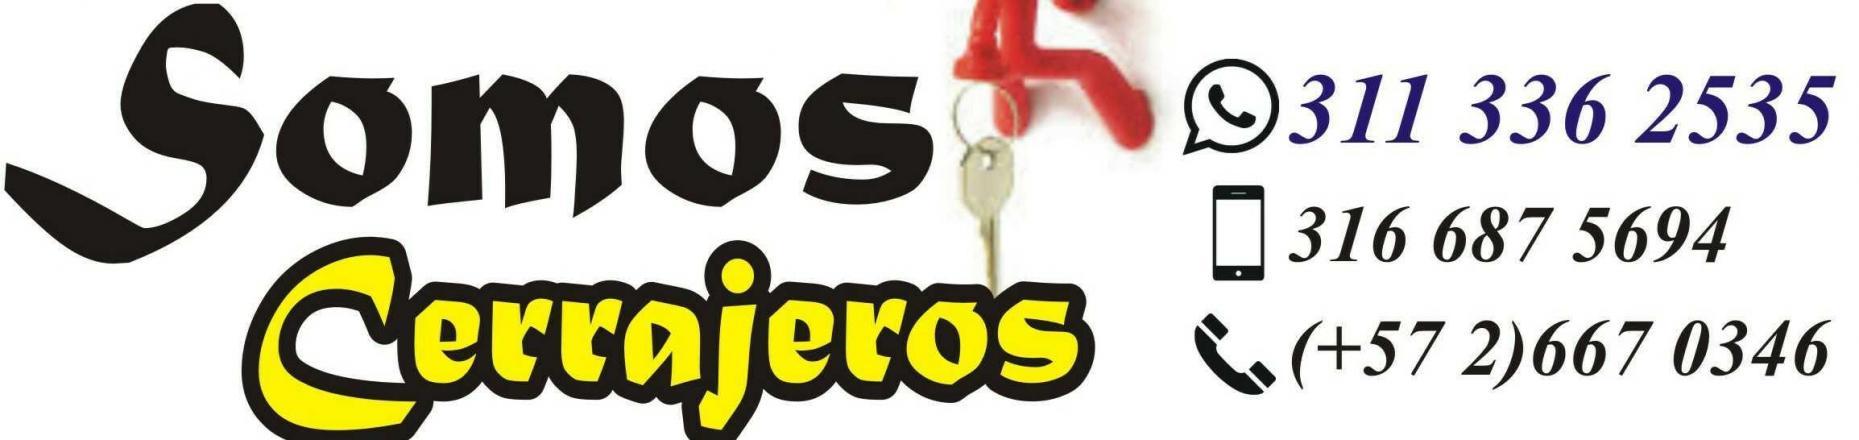 Otra - CERRAJEROS EL PALACIO DE LAS LLAVES 5240157-3113362535-